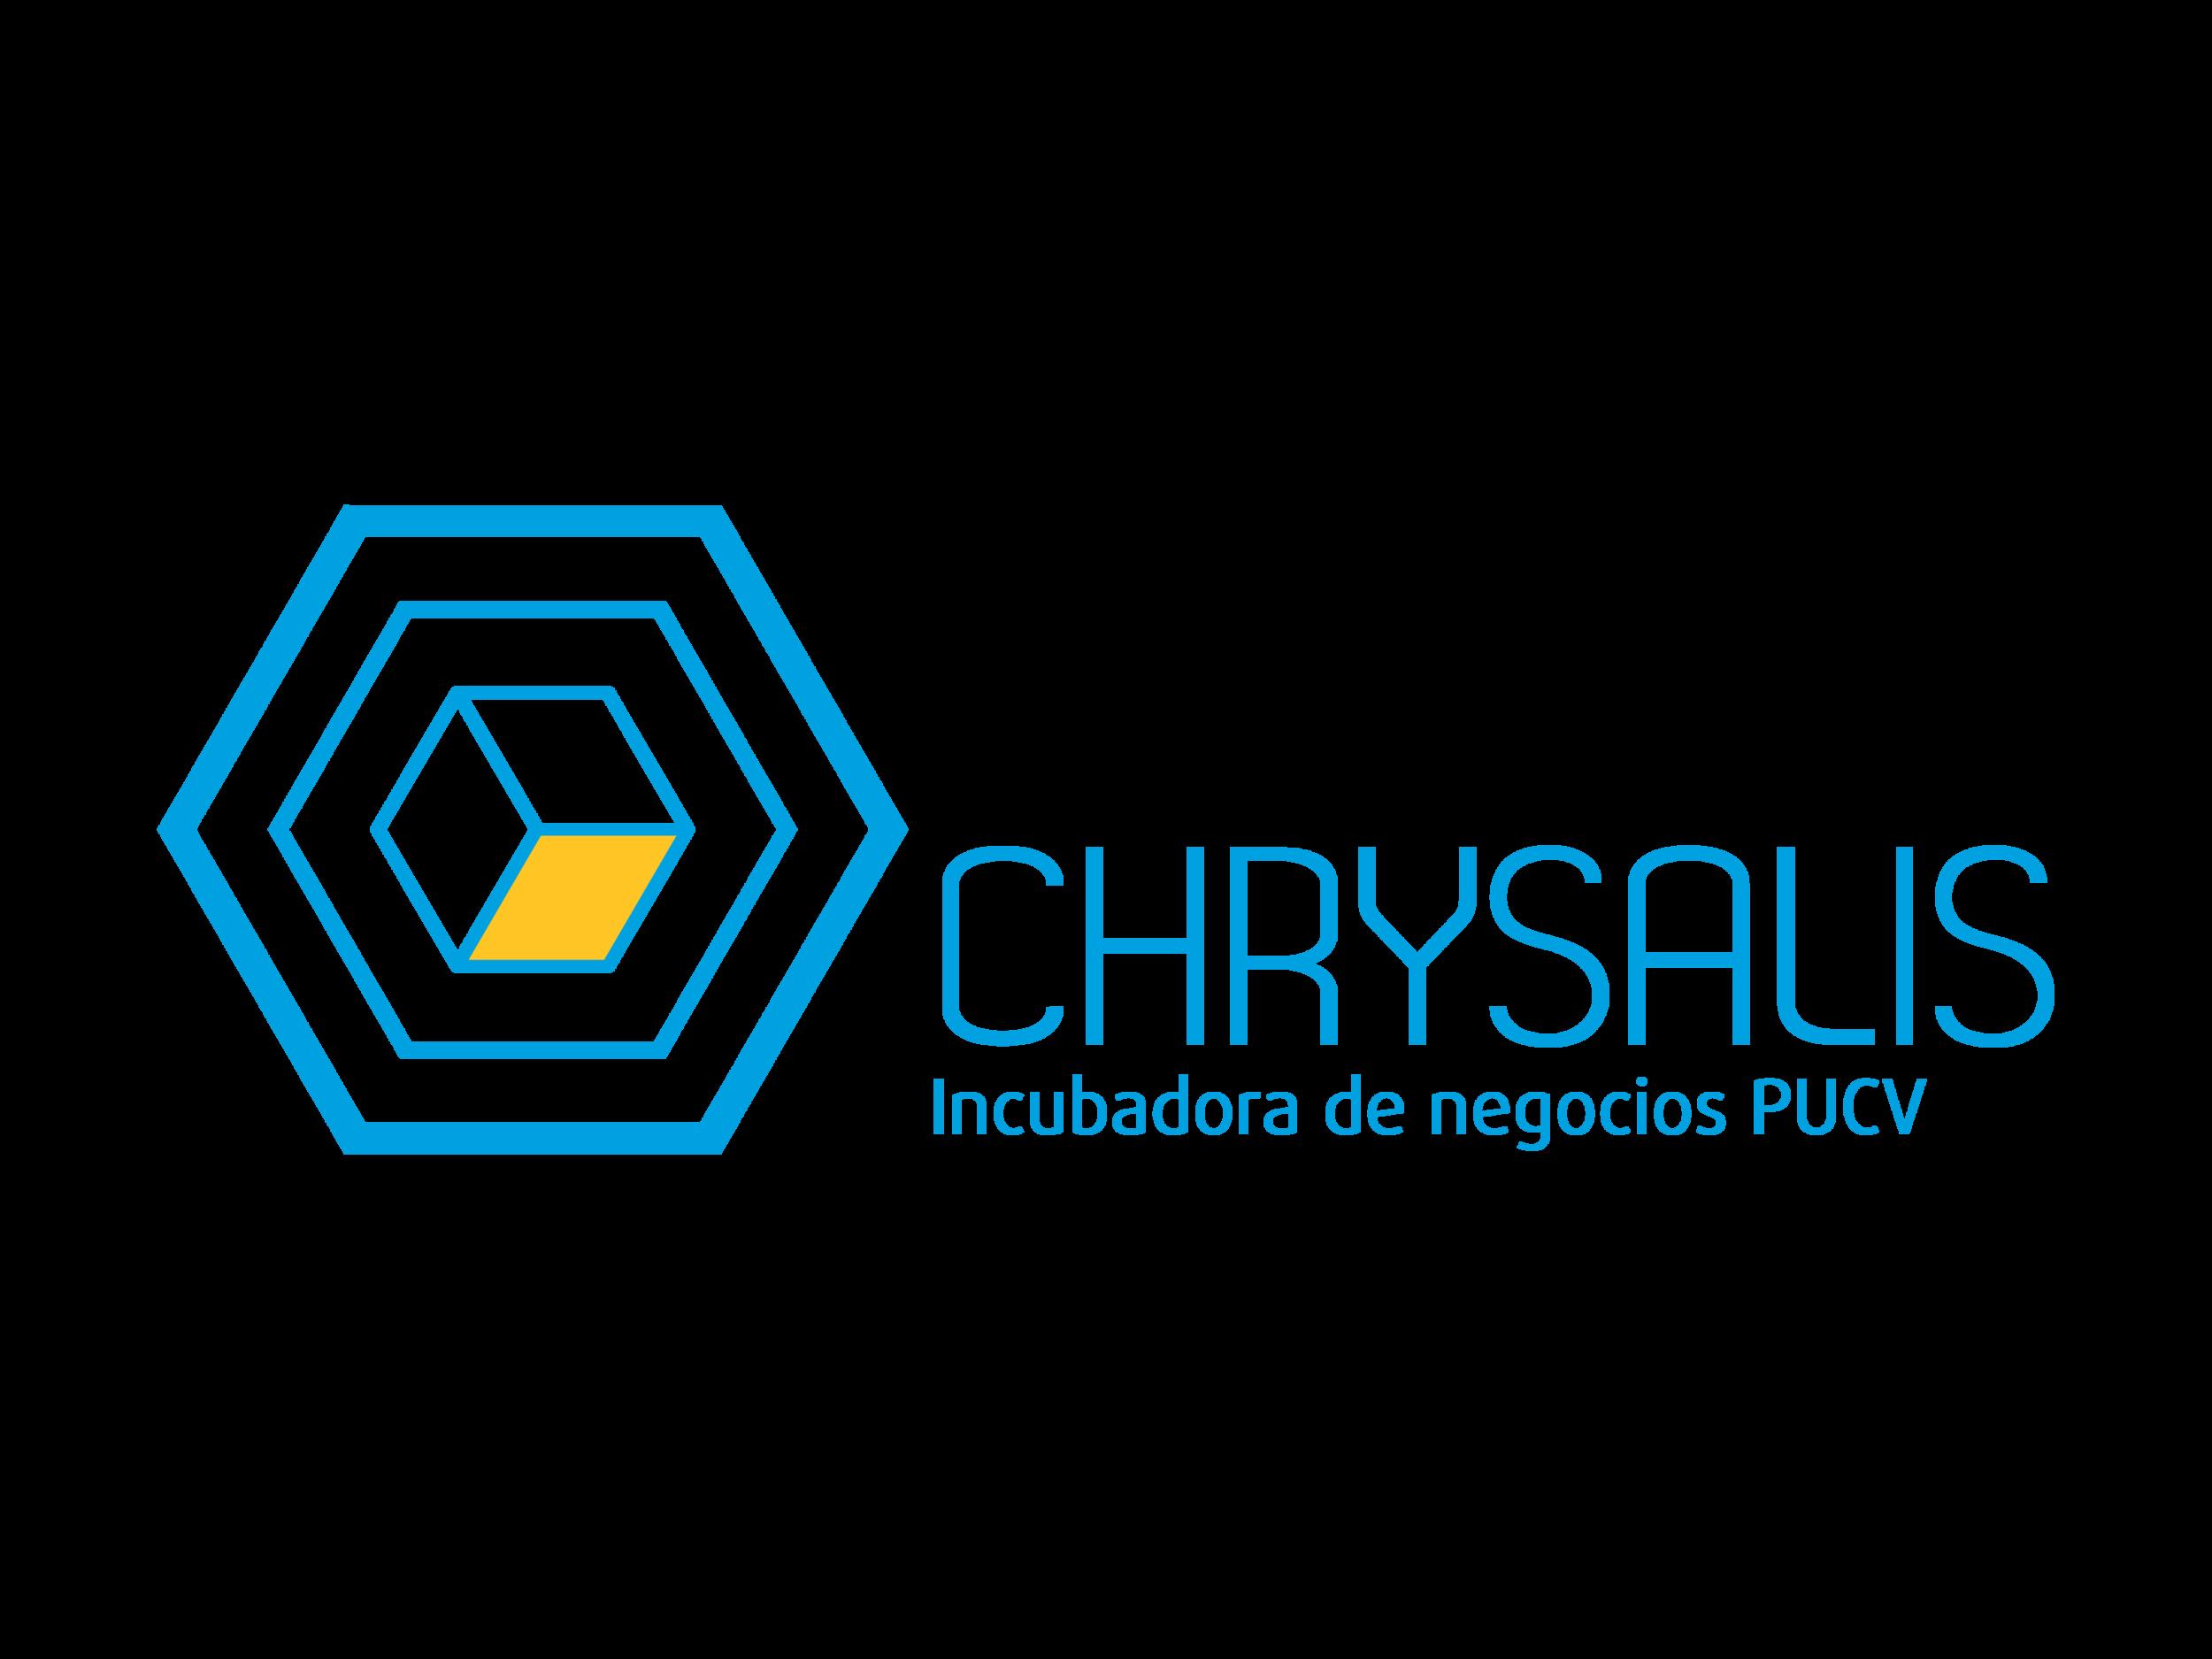 [Chrysalis] - Logo.png